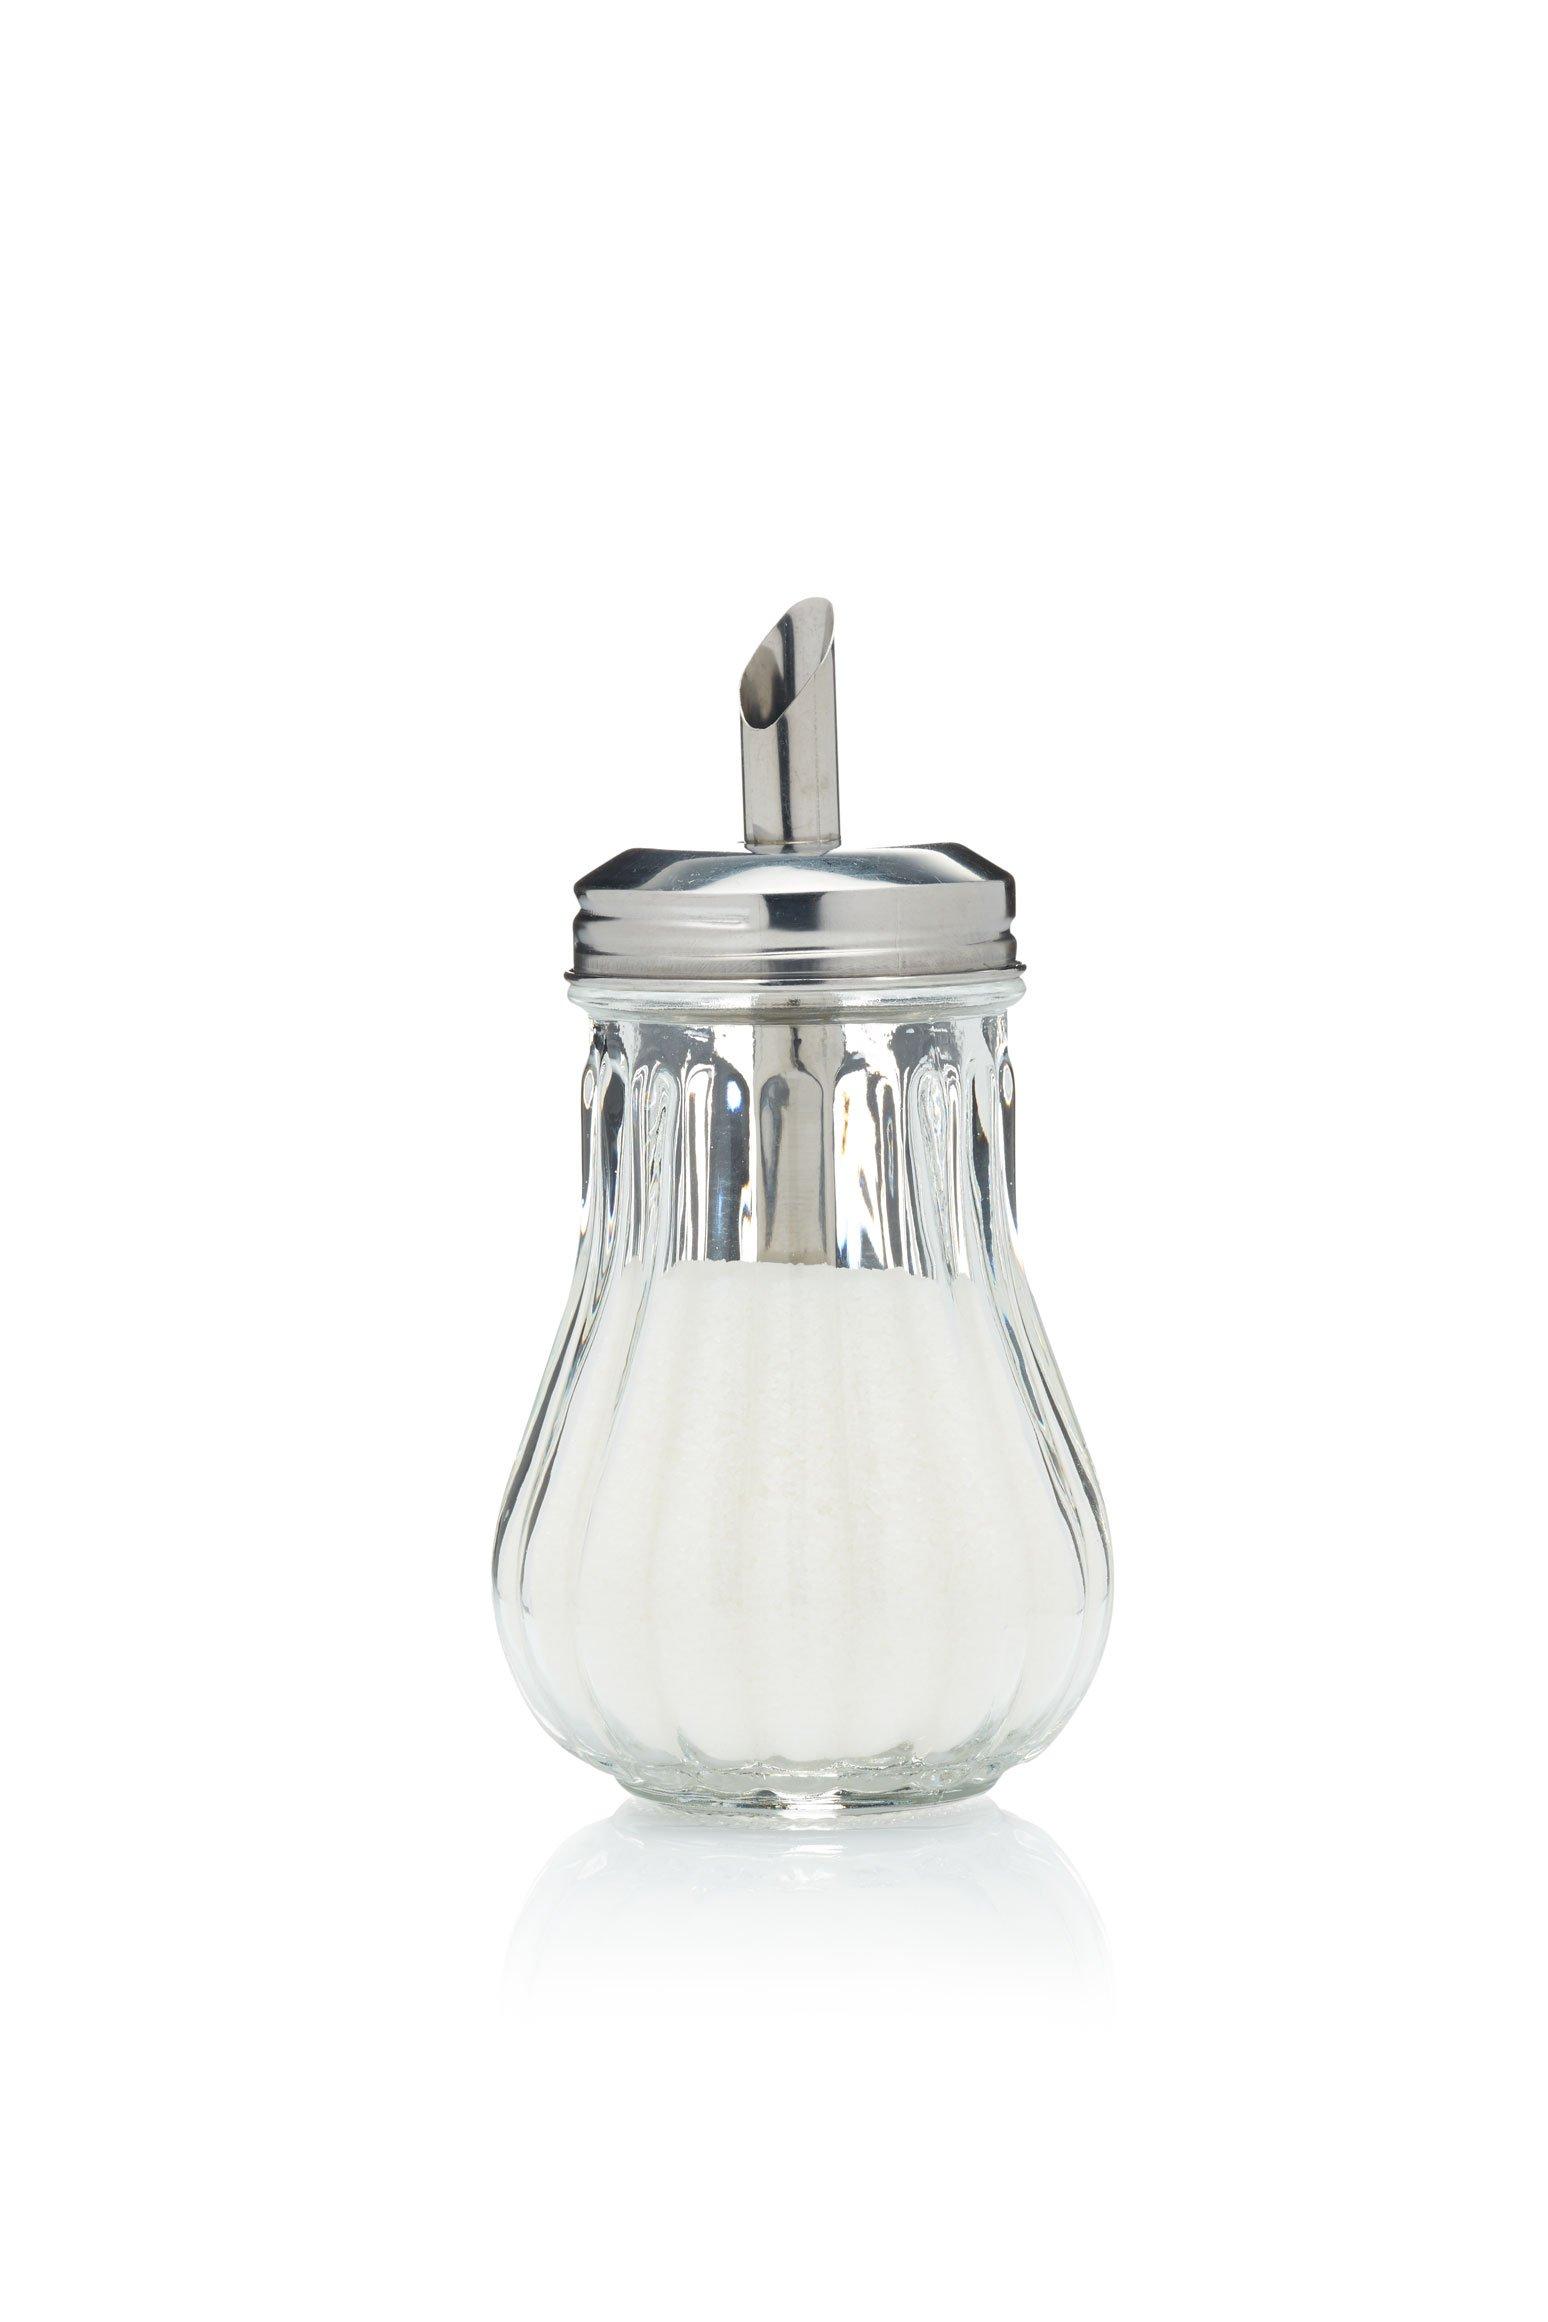 Retro Glass Sugar Dispenser